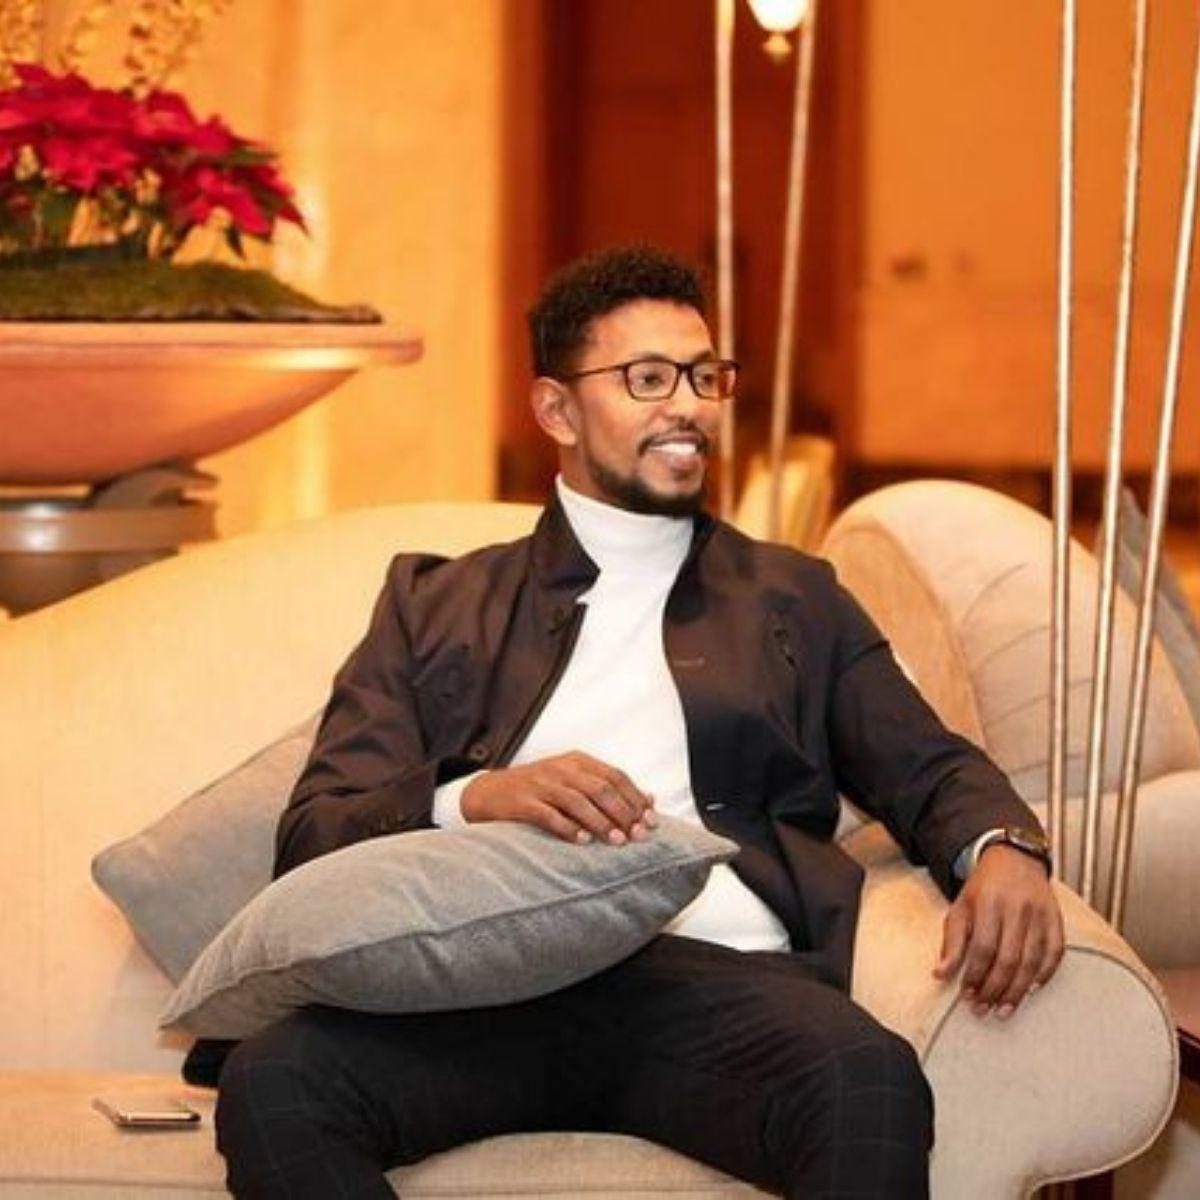 Ammar Omar